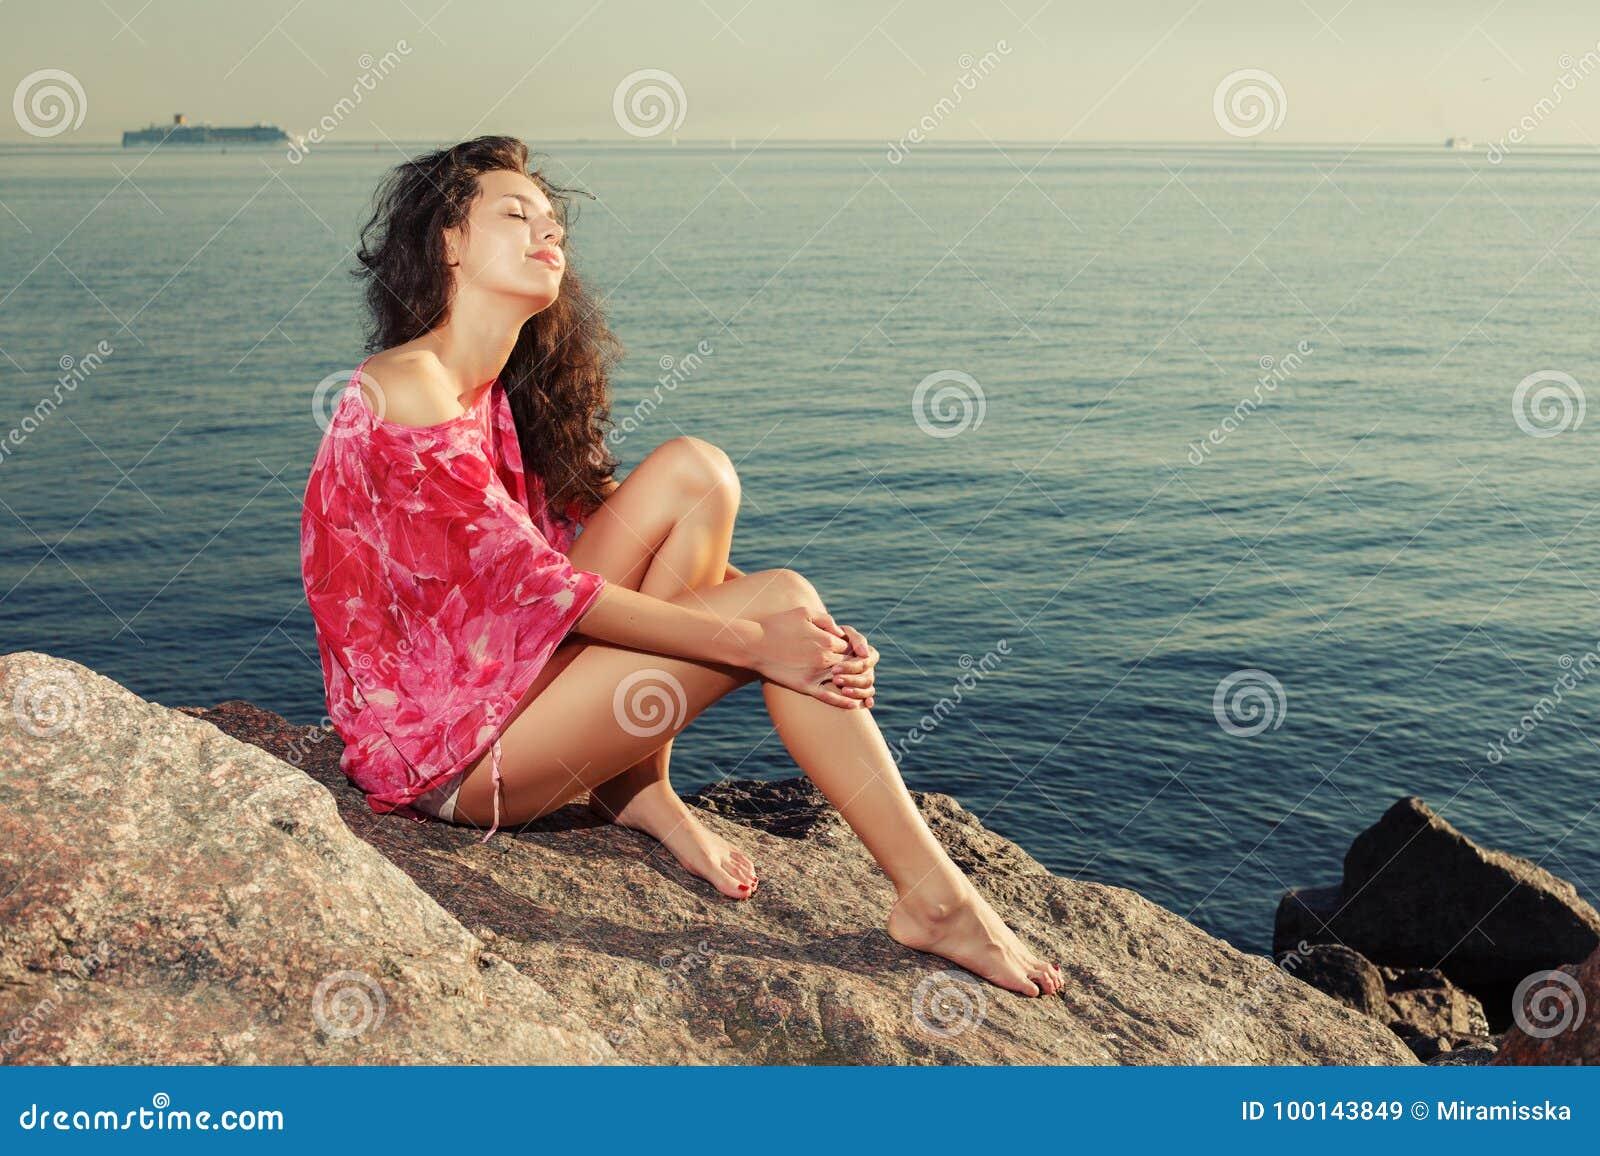 Fasonuje dziewczyny na plaży na skałach przeciw tłu